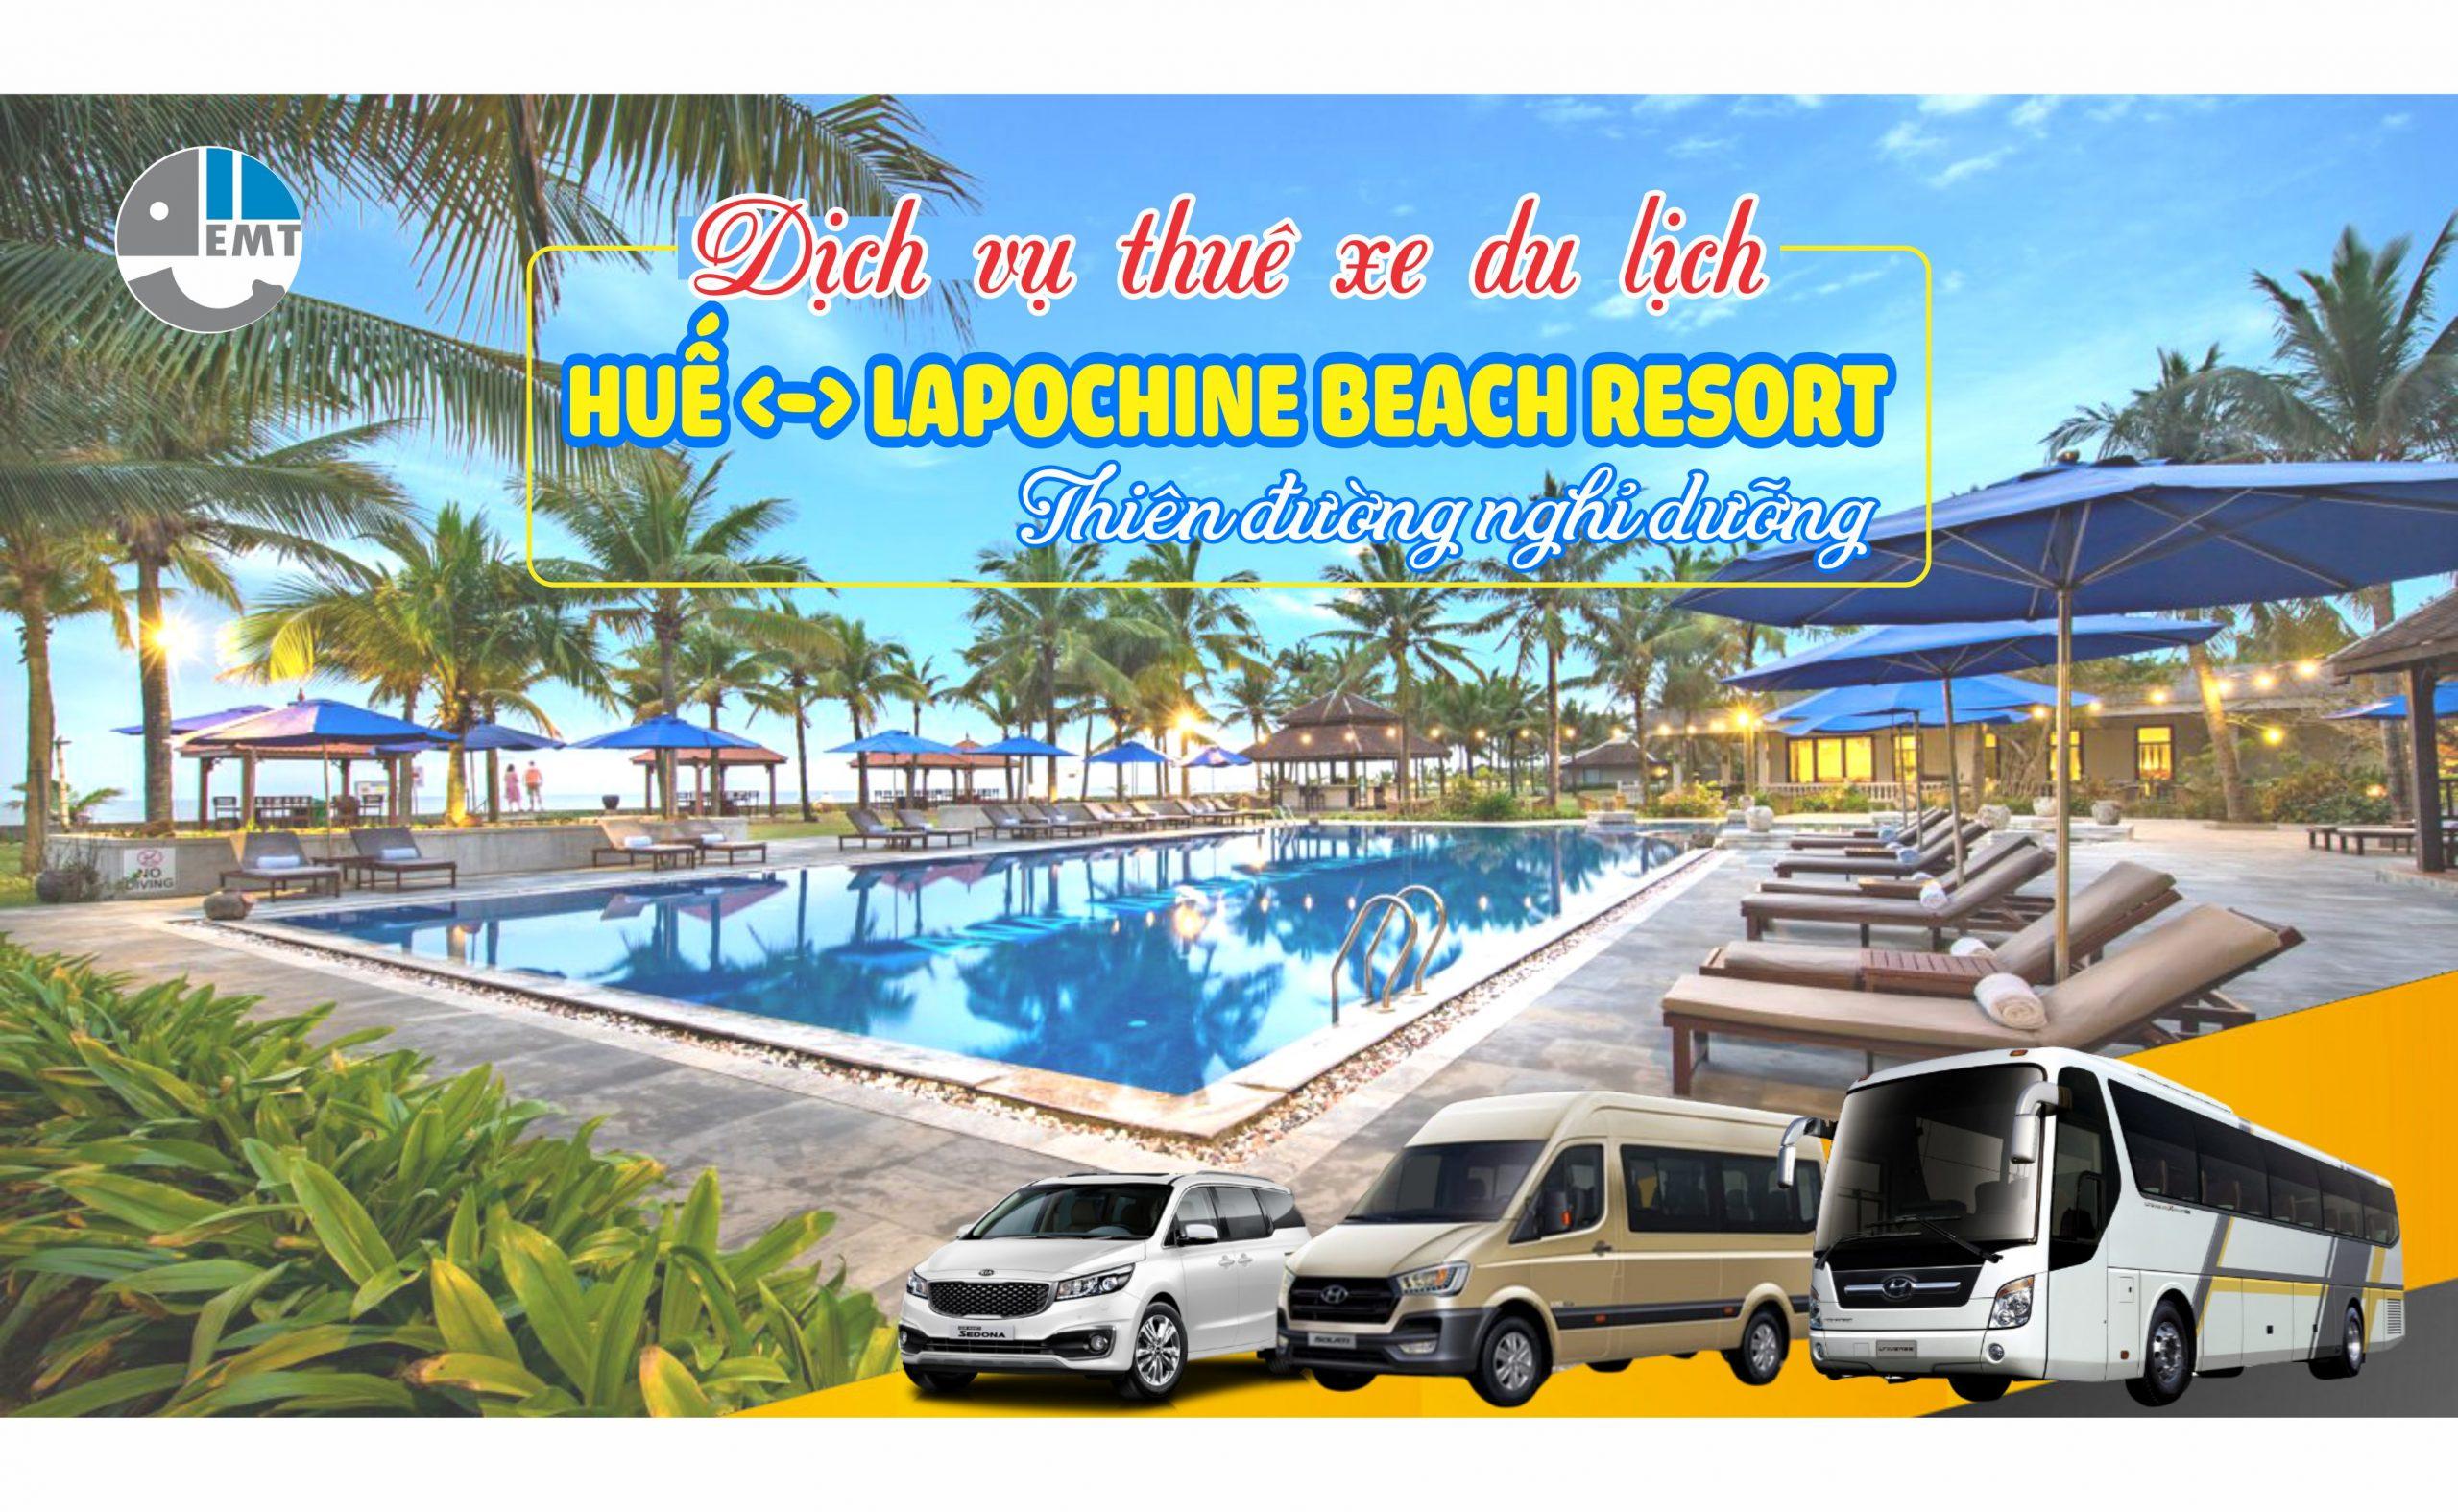 Dịch vụ cho thuê xe Huế đi khu nghỉ dưỡng Lapochine Beach Huế (Ana Mandara Huế cũ)